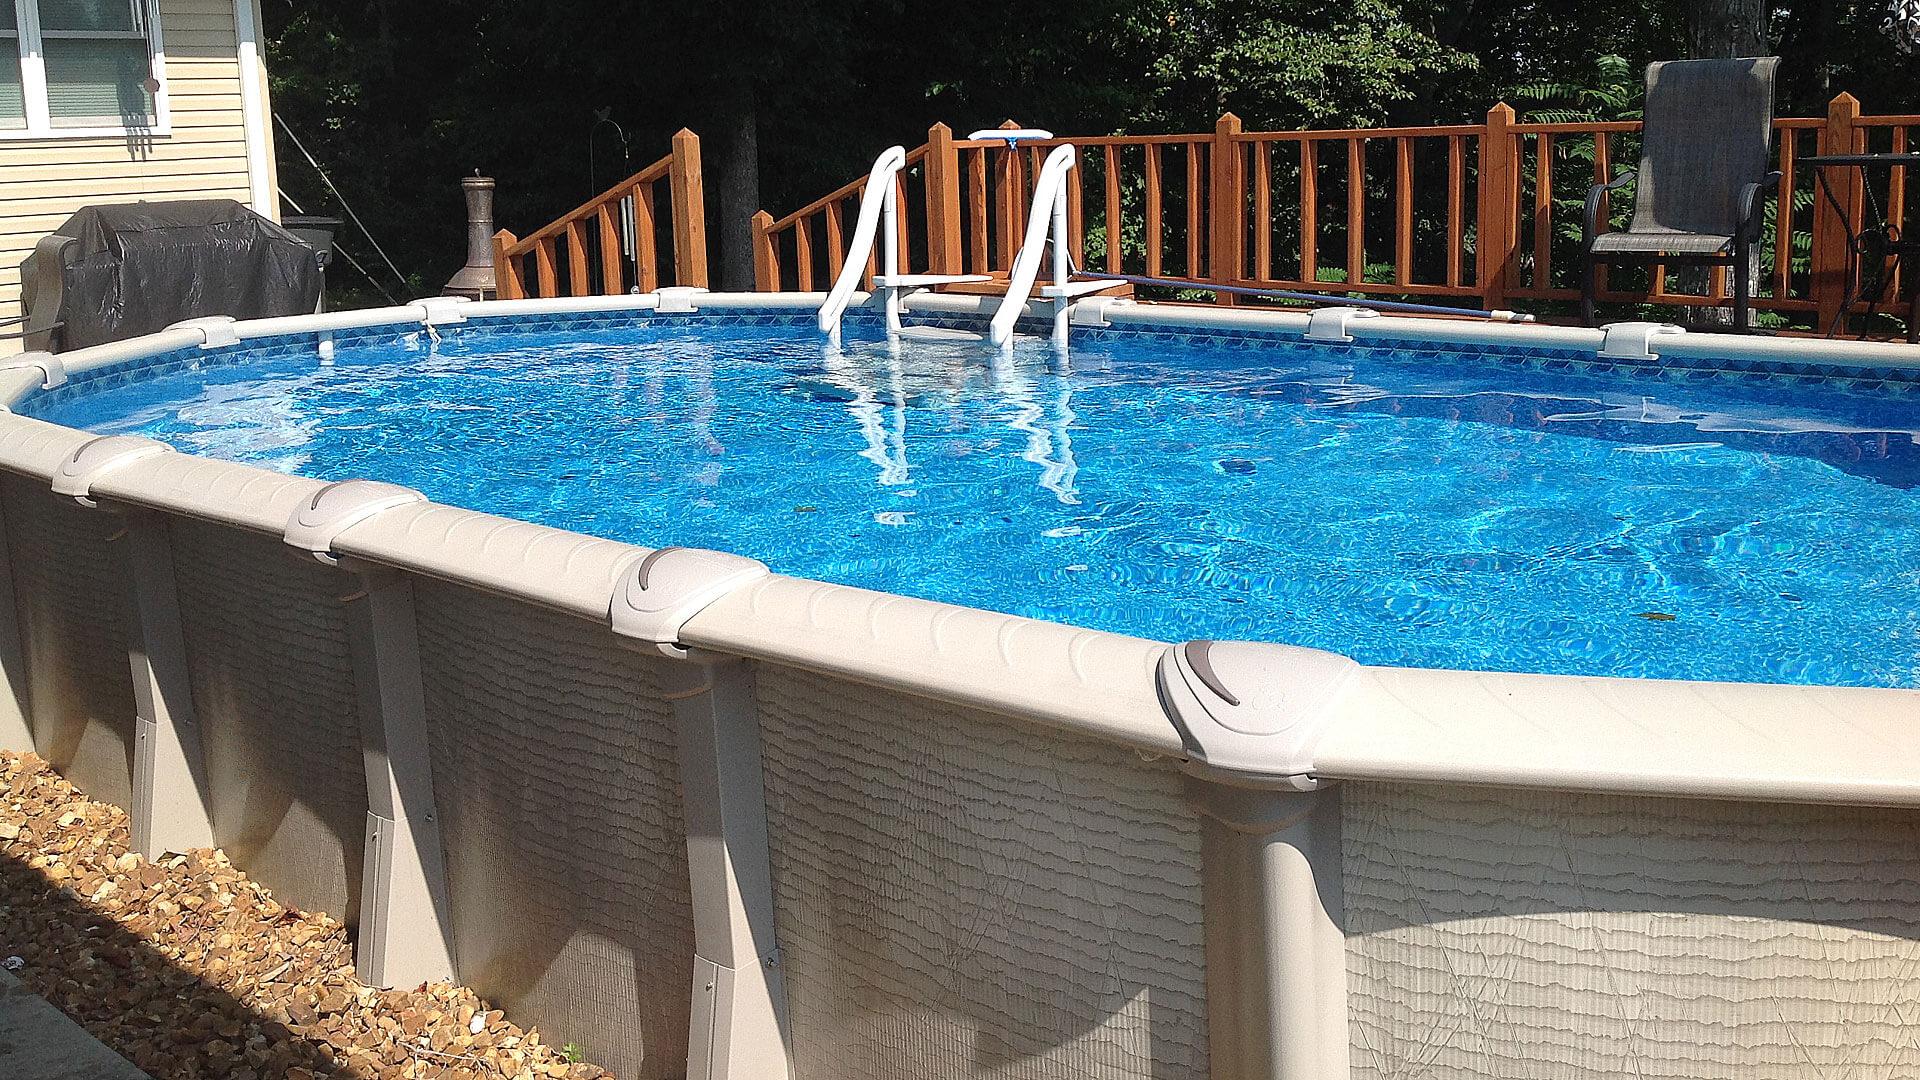 Comment enlever les algues dans une piscine hors sol ? - Swimmy